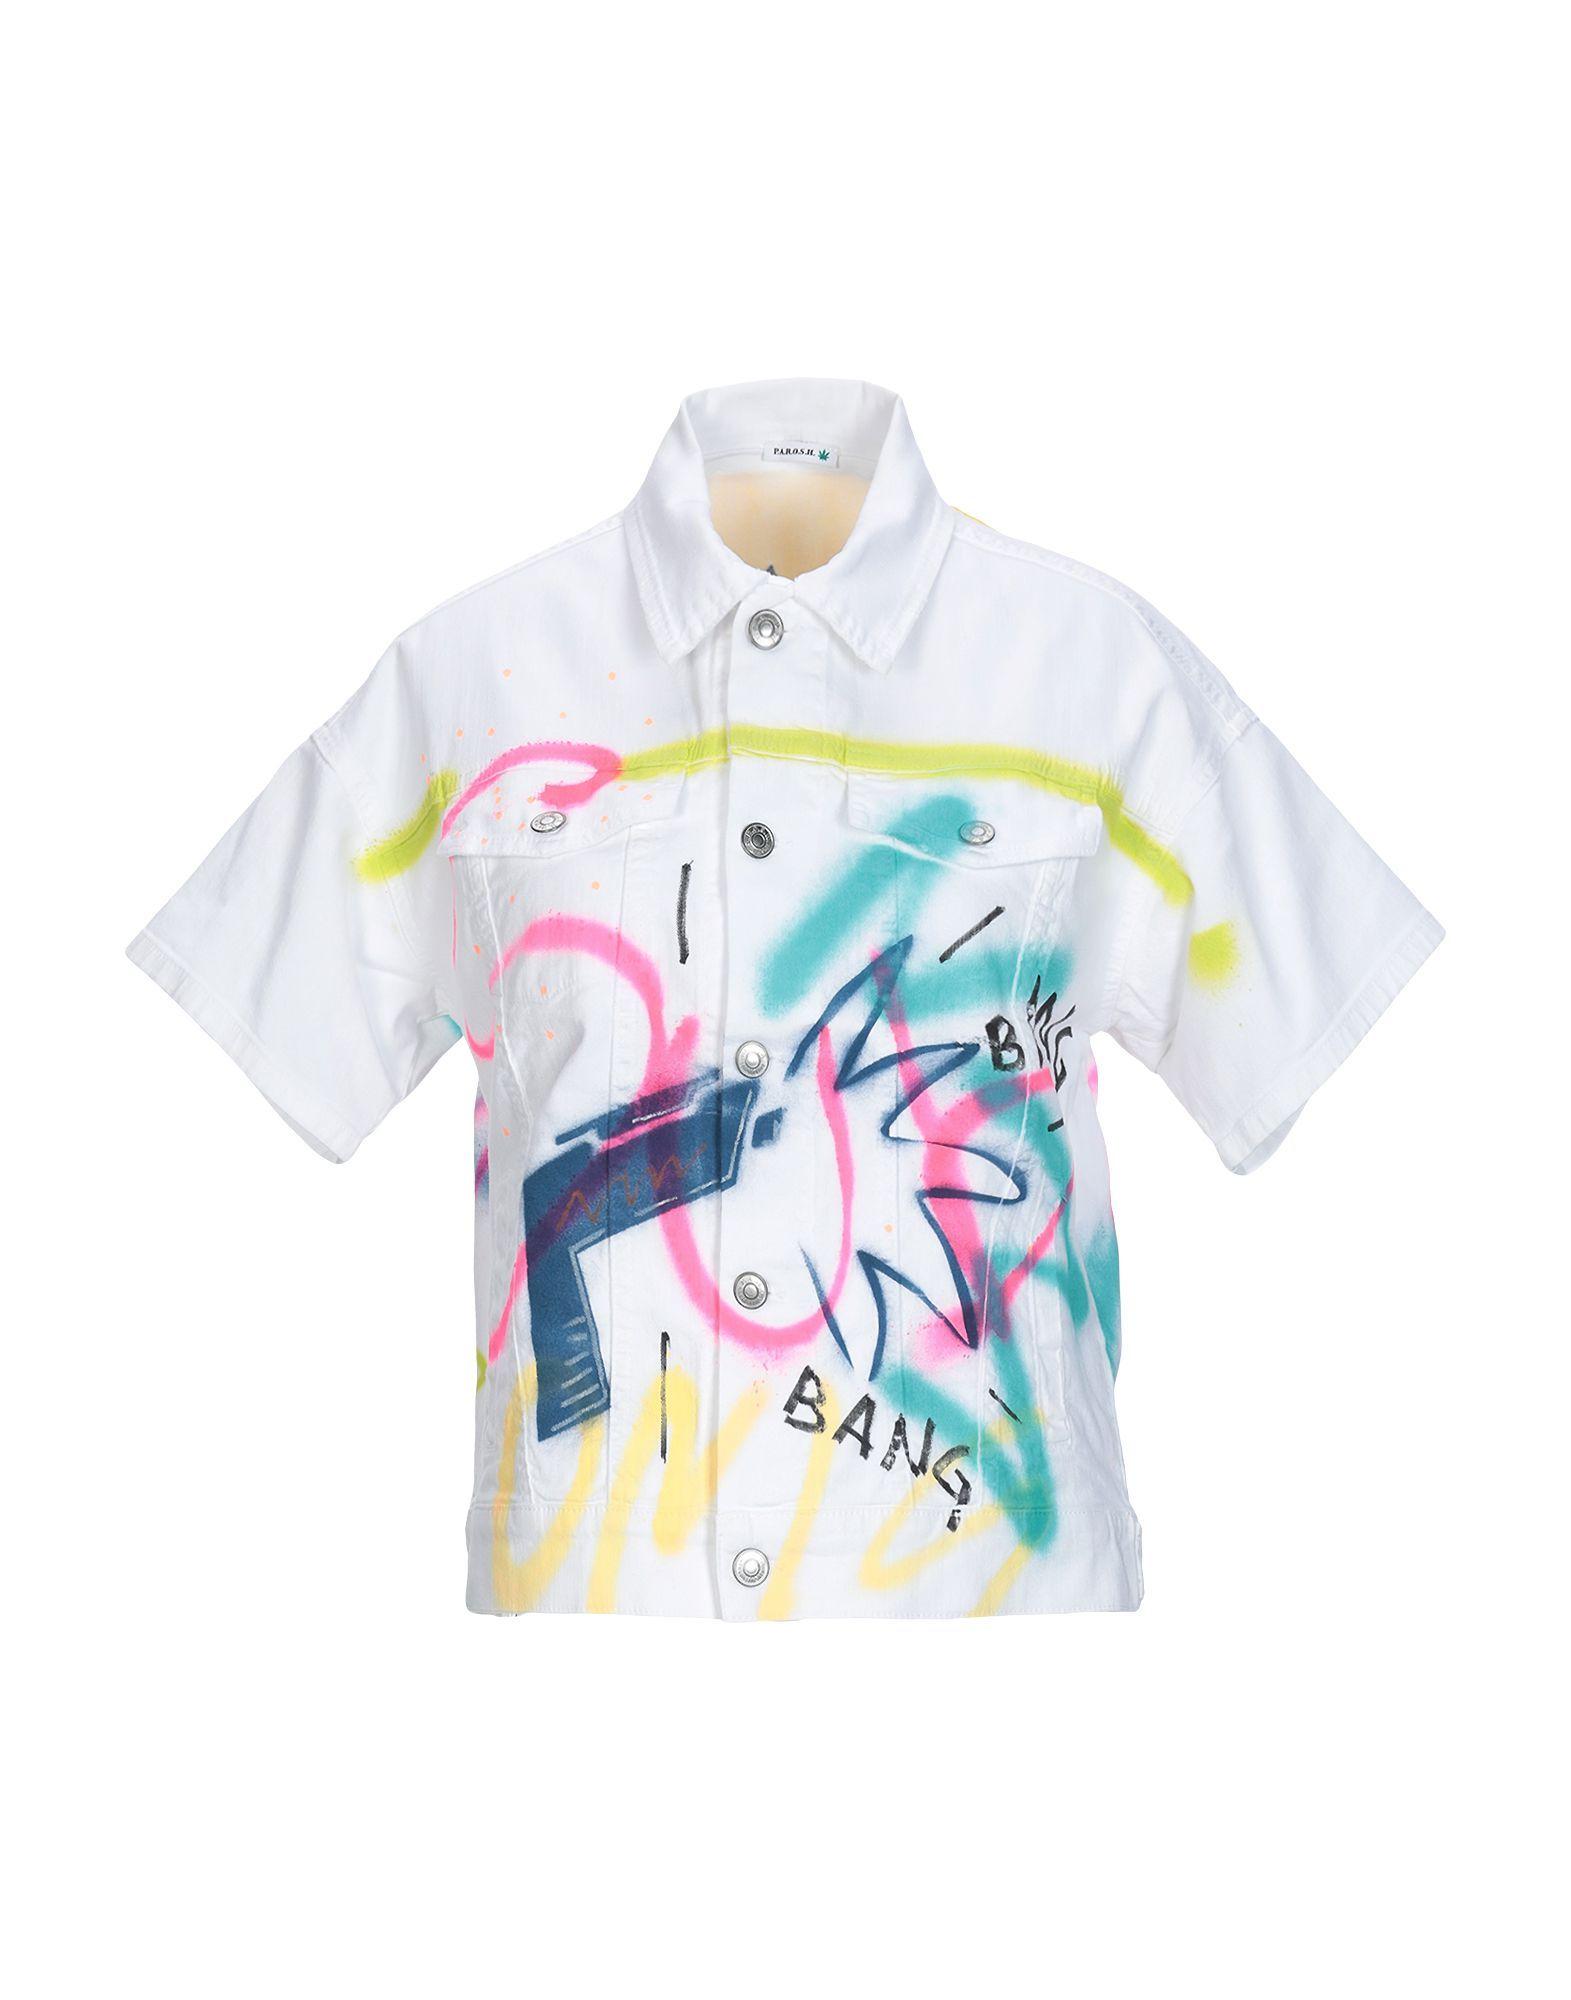 P.A.R.O.S.H. White Cotton Short Sleeve Shirt